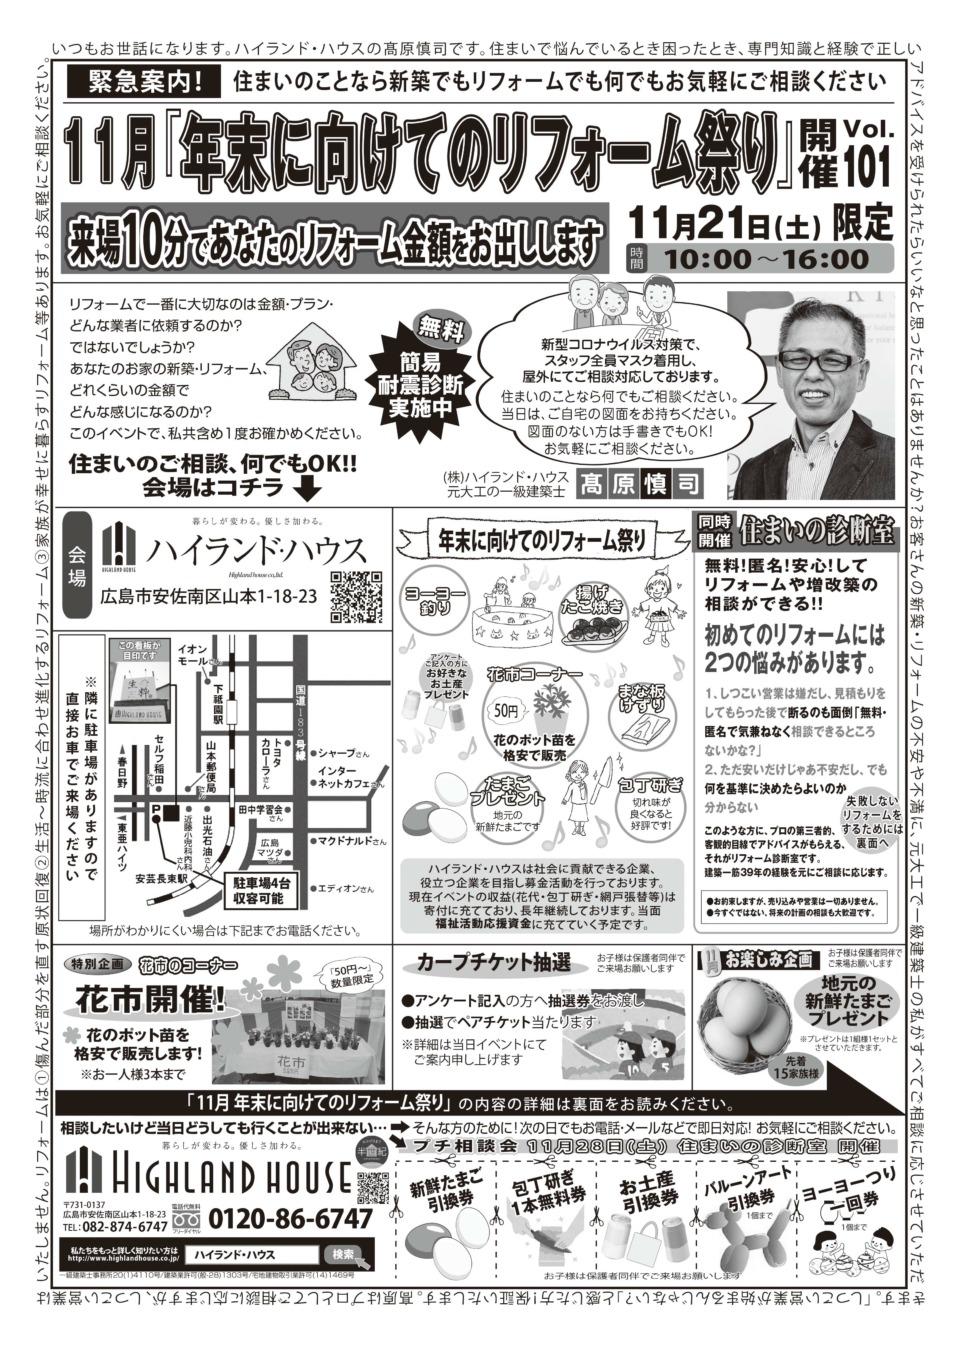 11月イベント「年末に向けてのリフォーム祭り」開催